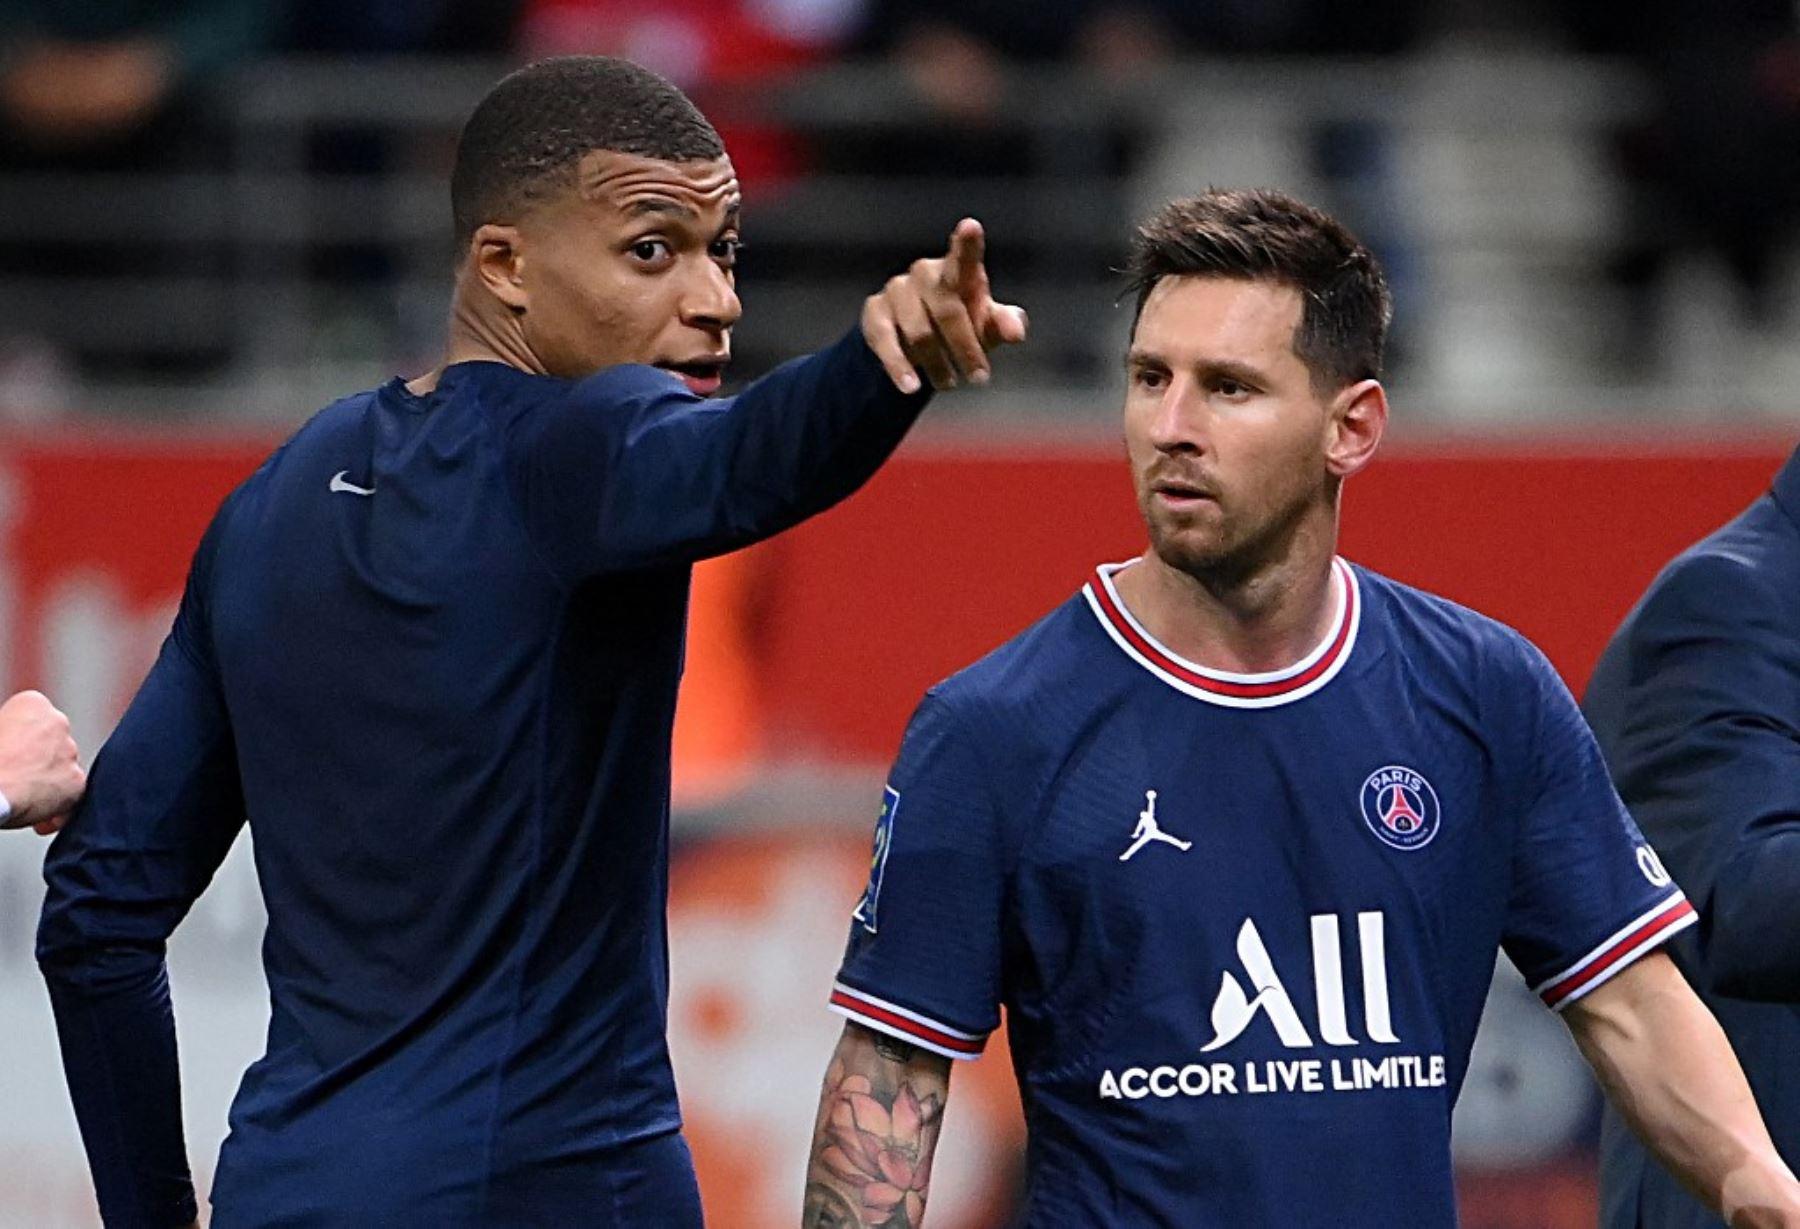 Messi hará su debut en la Liga de Campeones con la camiseta del PSG